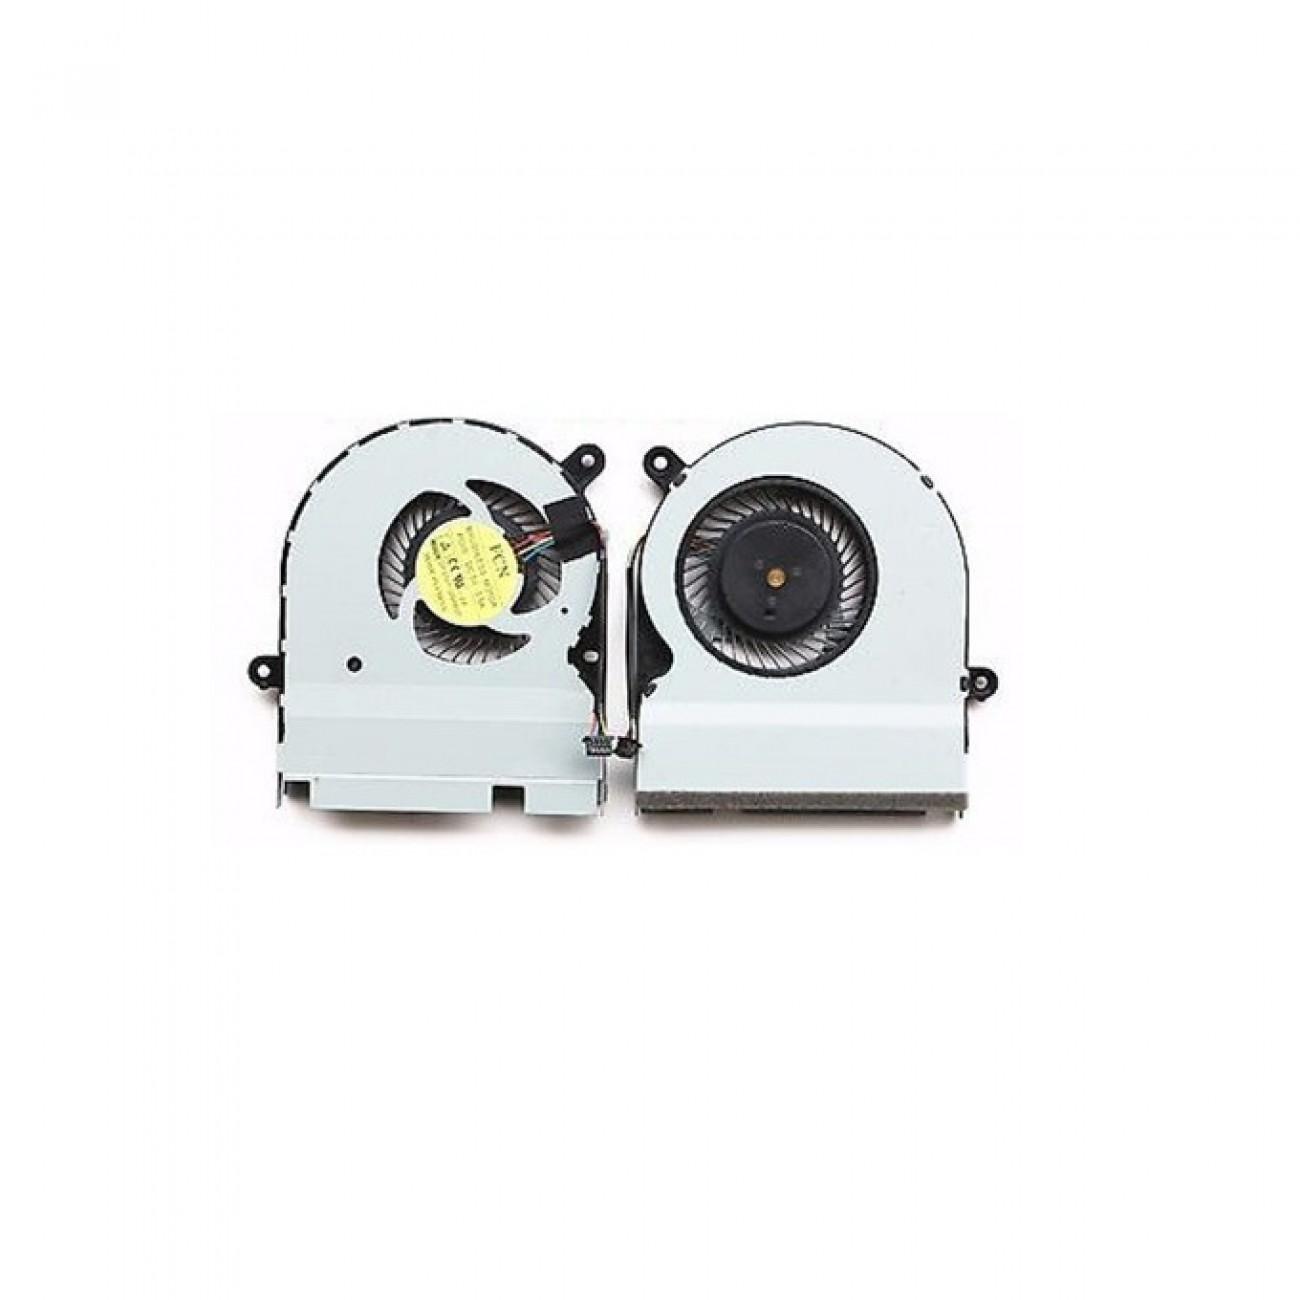 Вентилатор за лаптоп ASUS Transformer Book Flip TP300LA 5V 0.5A в Резервни части -  | Alleop